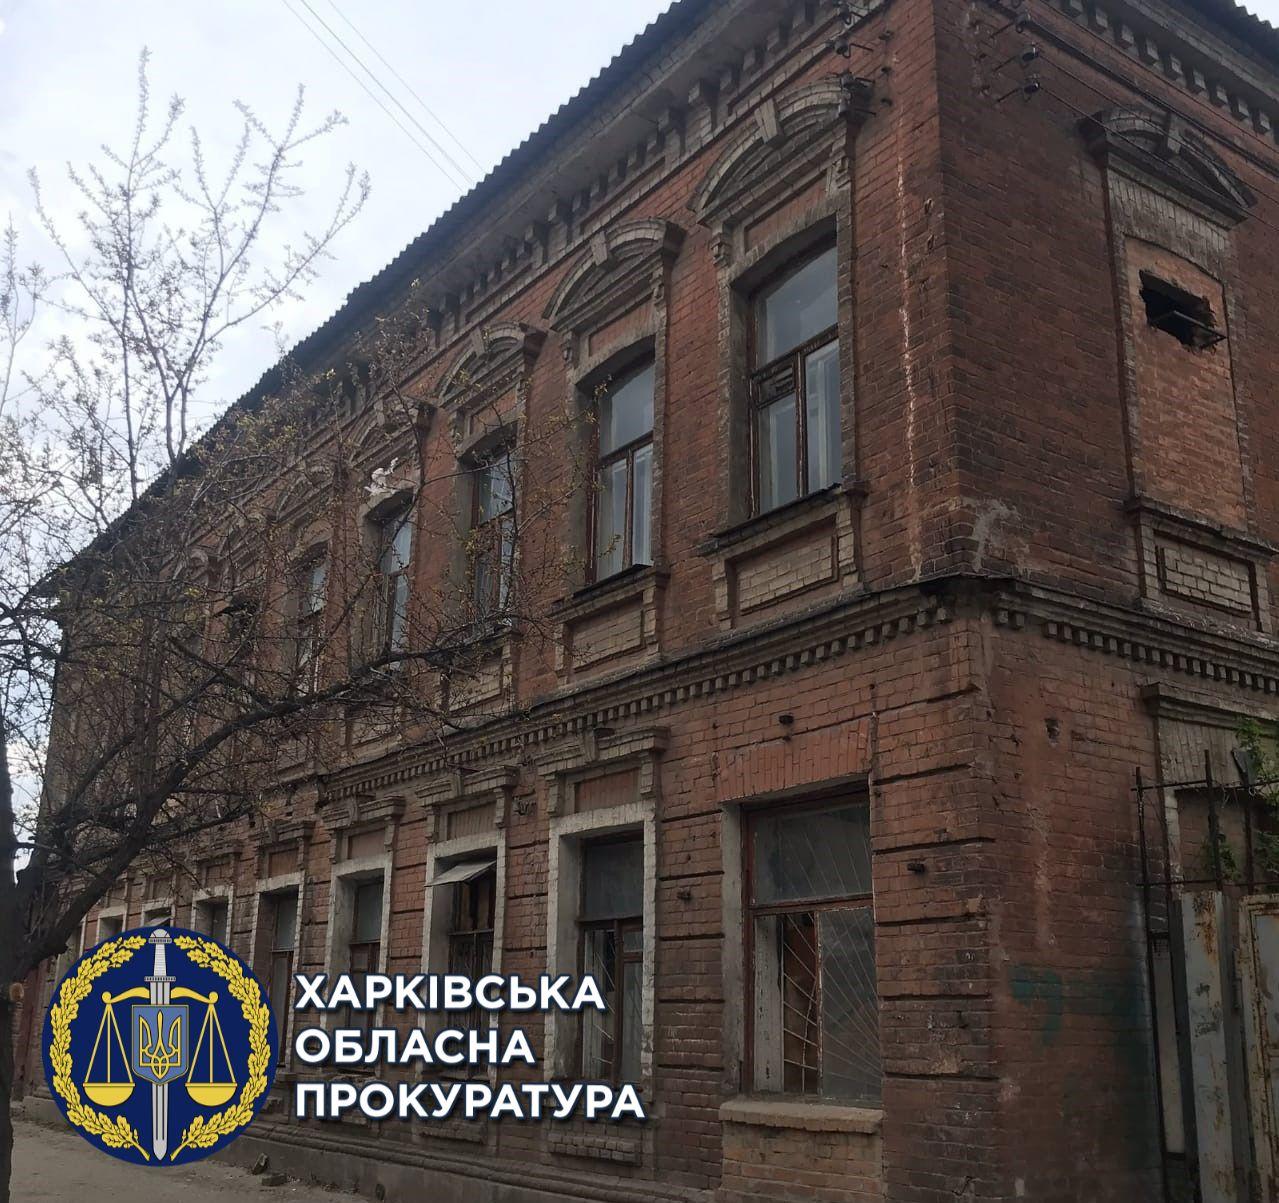 Ущерб государству на 2 млн грн: в Харькове мужчину подозревают в мошенничестве с недвижимостью